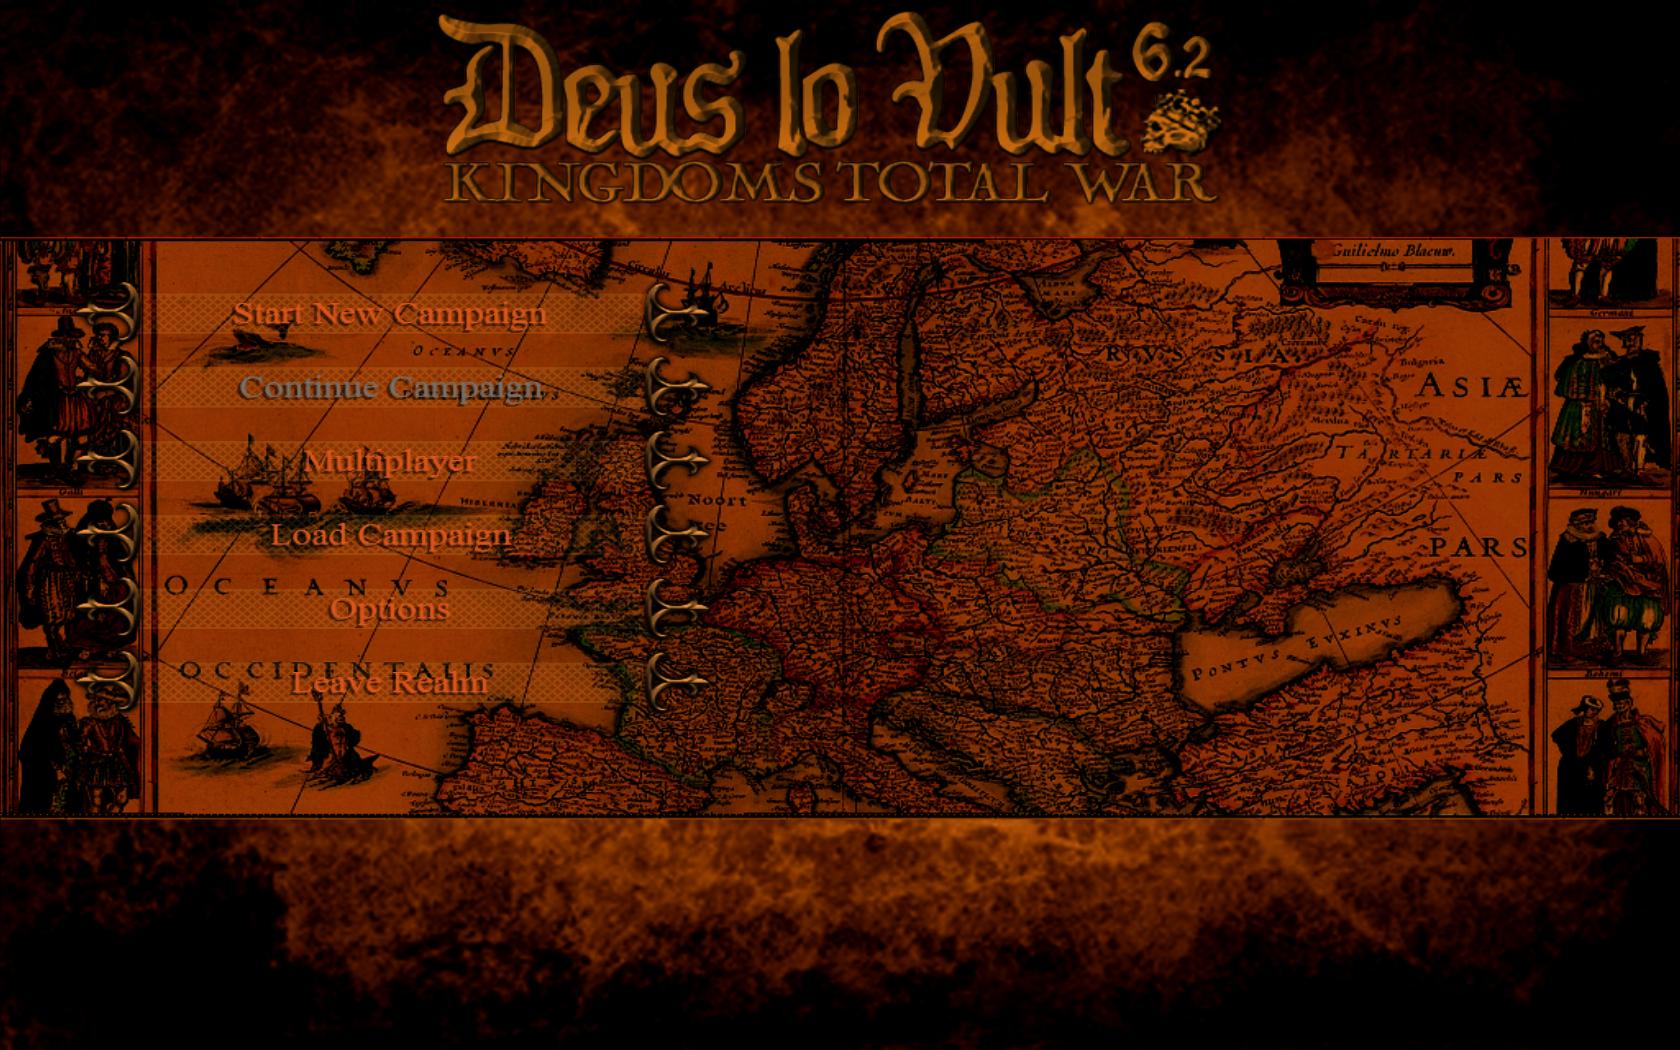 Deus lo Vult Kingdoms Patch 62 file - Mod DB